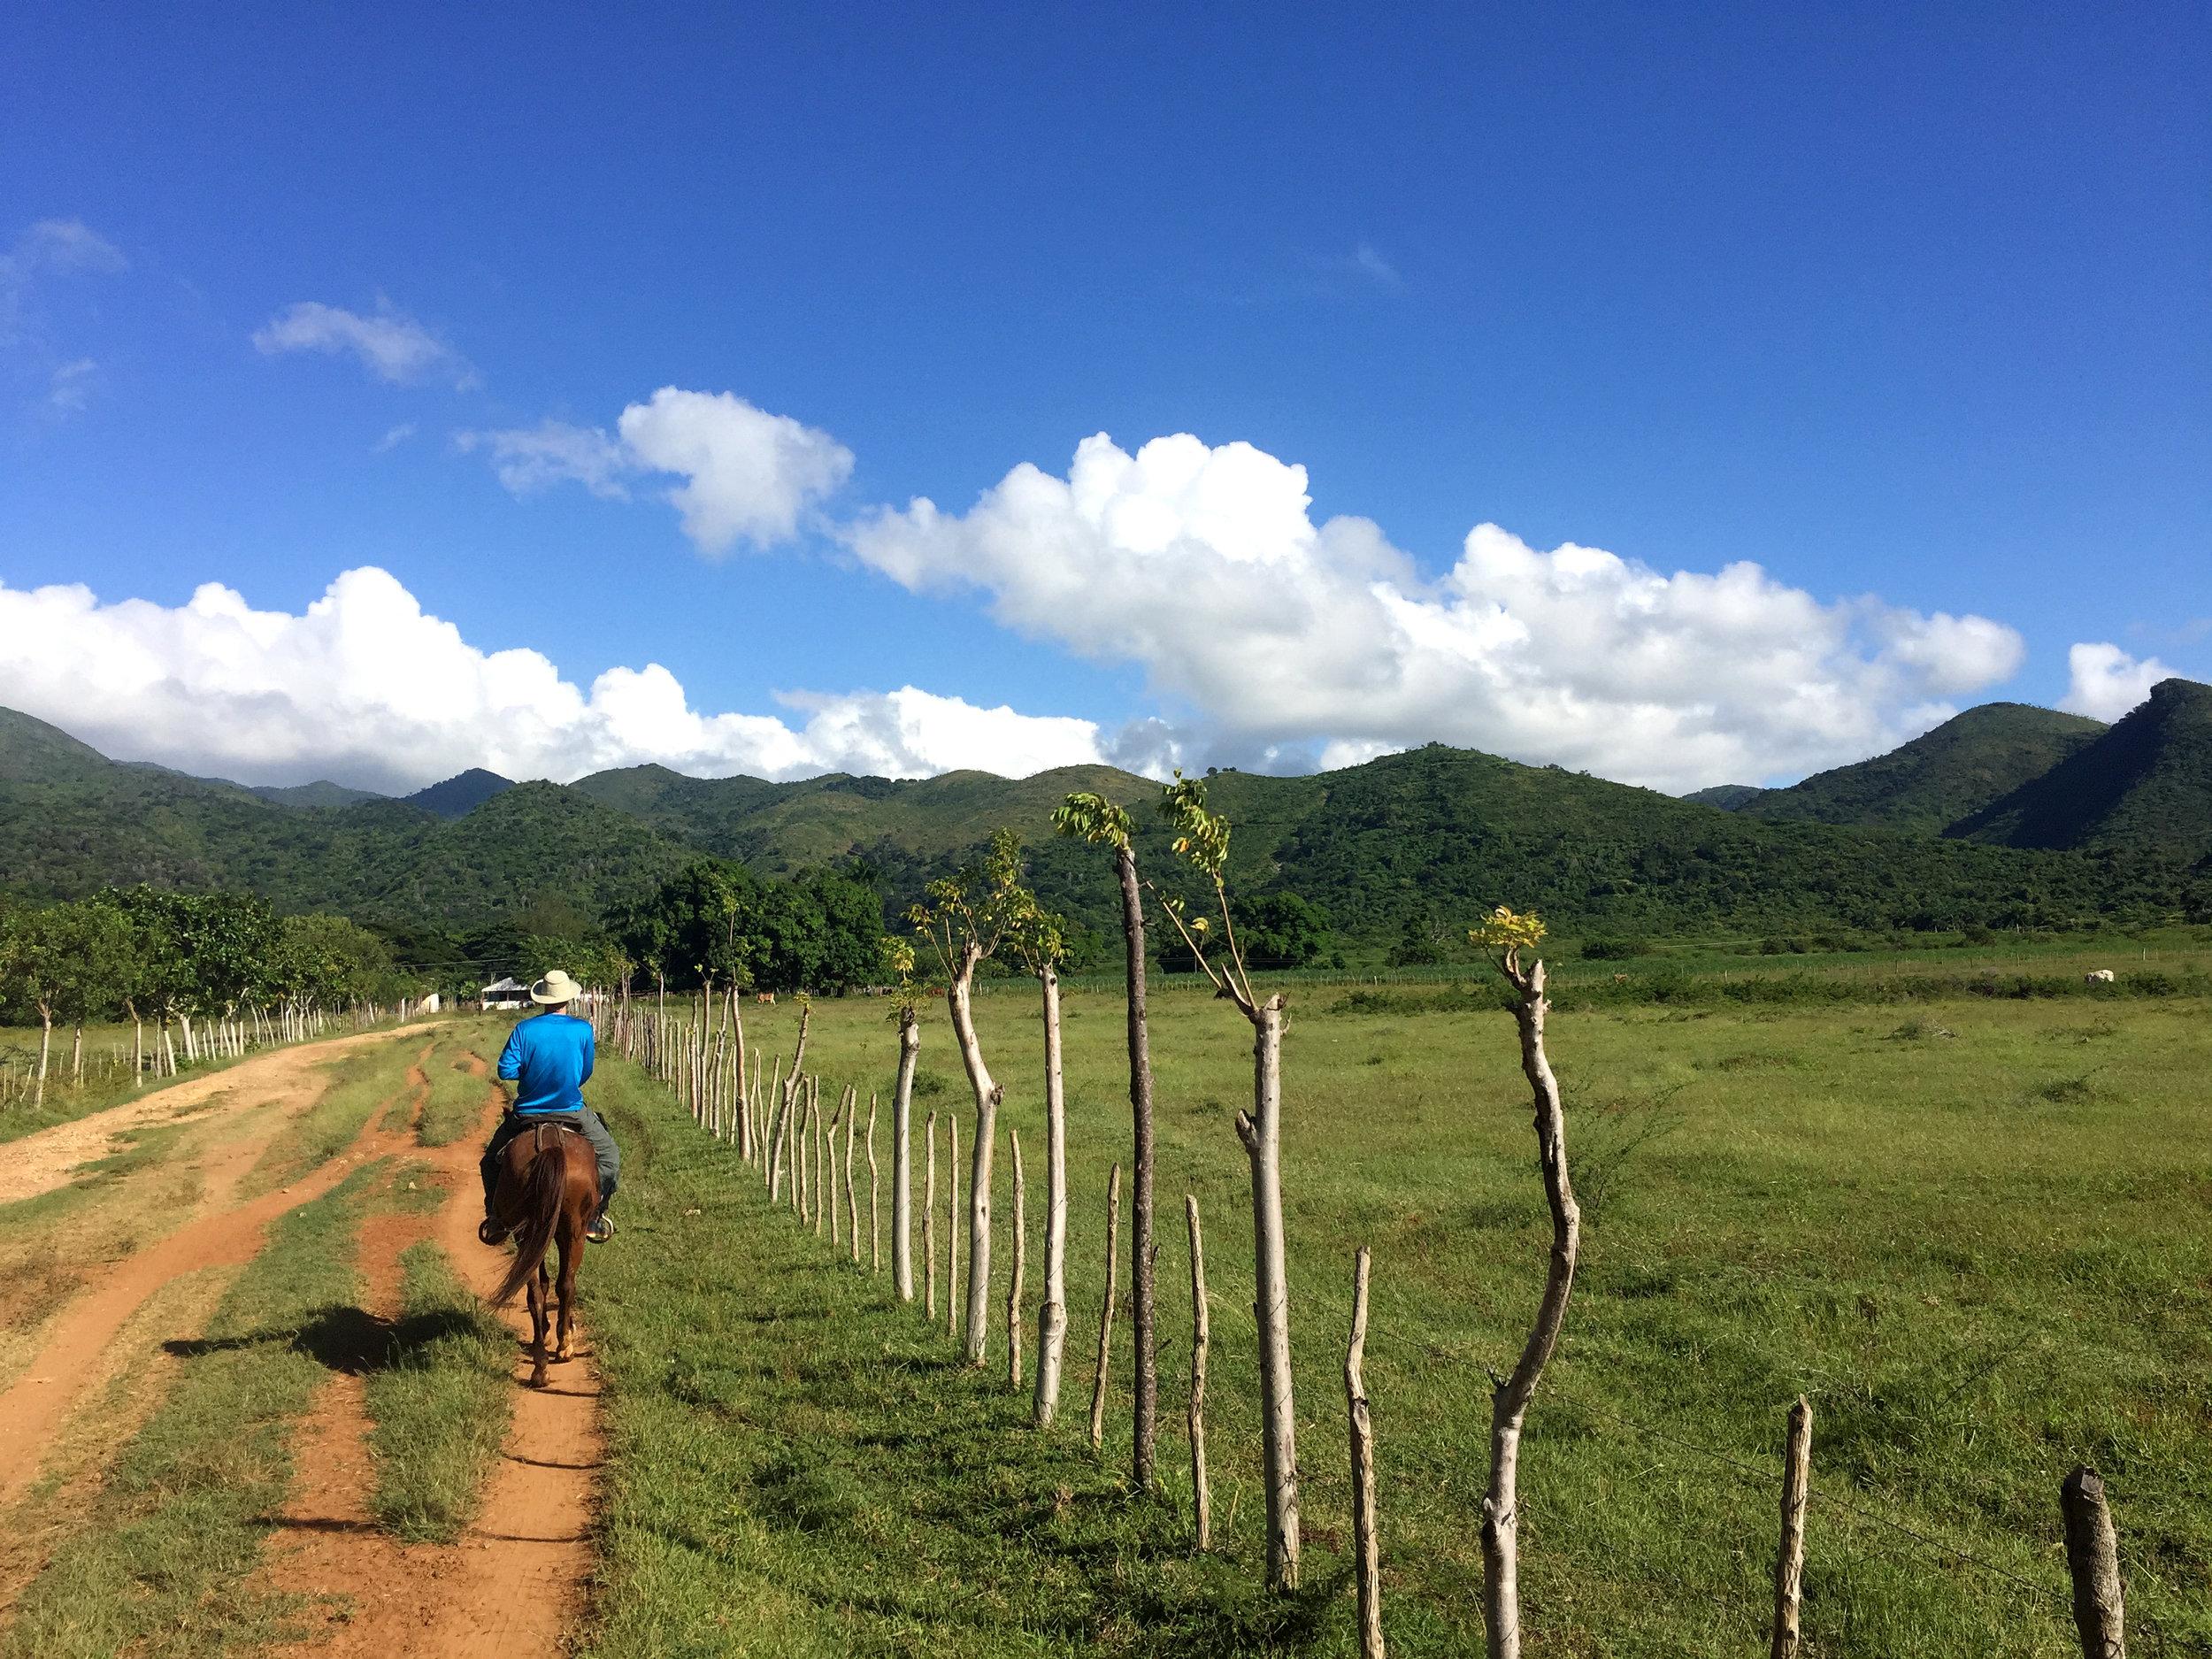 Horseback riding through Trinidad